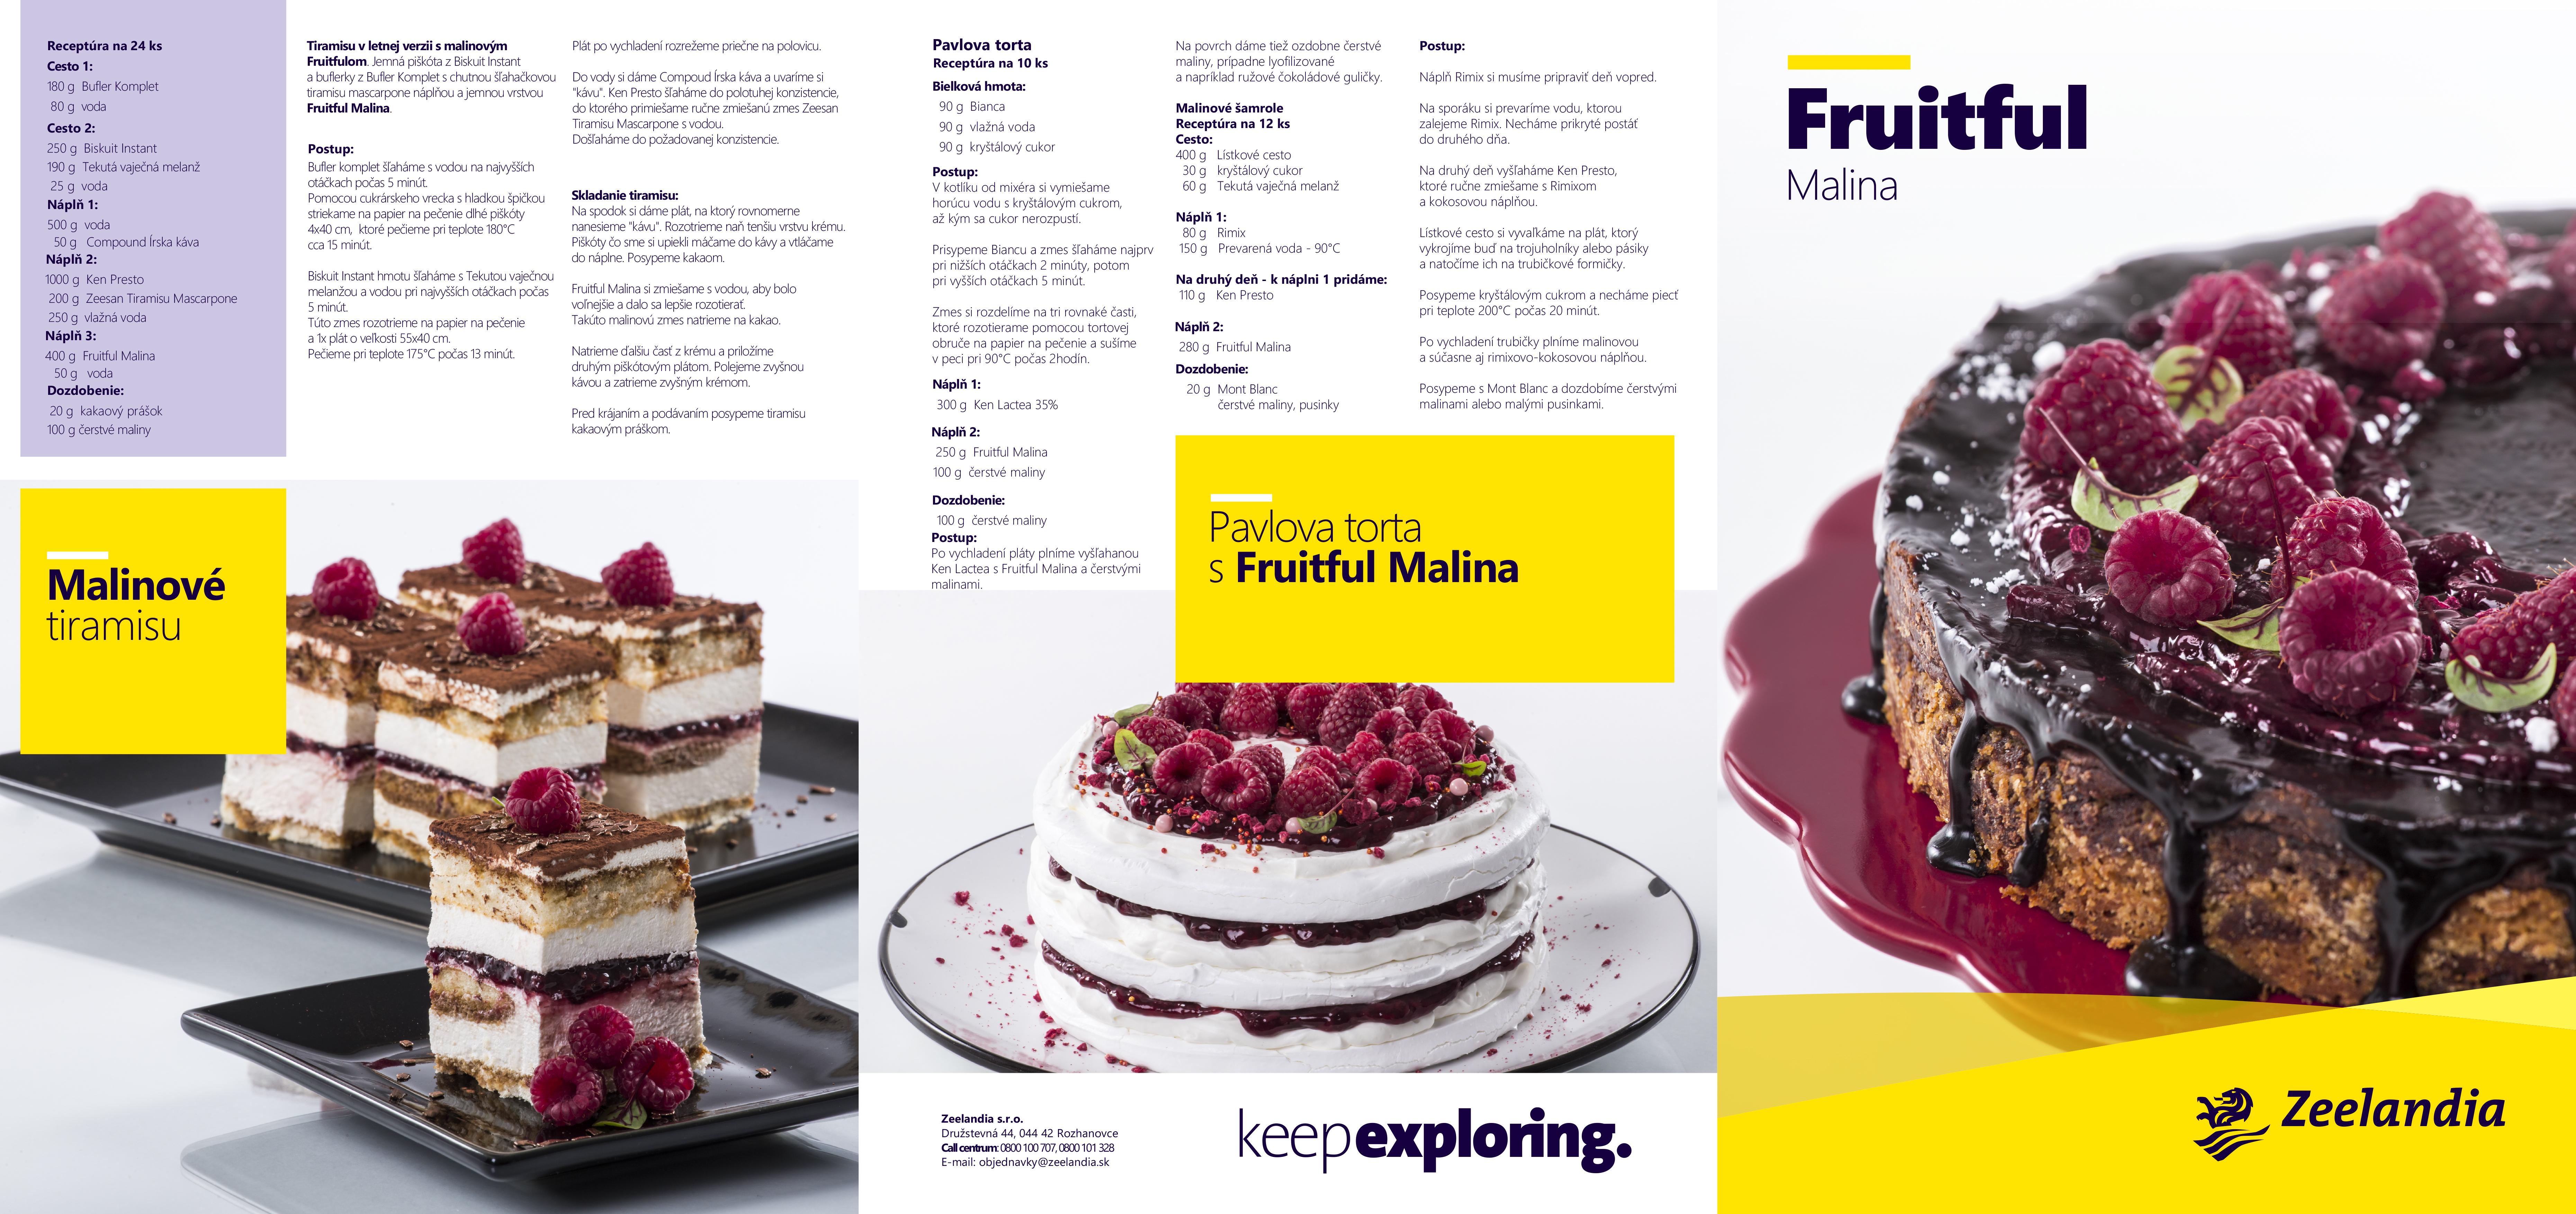 Fruitful_Malina1.jpg